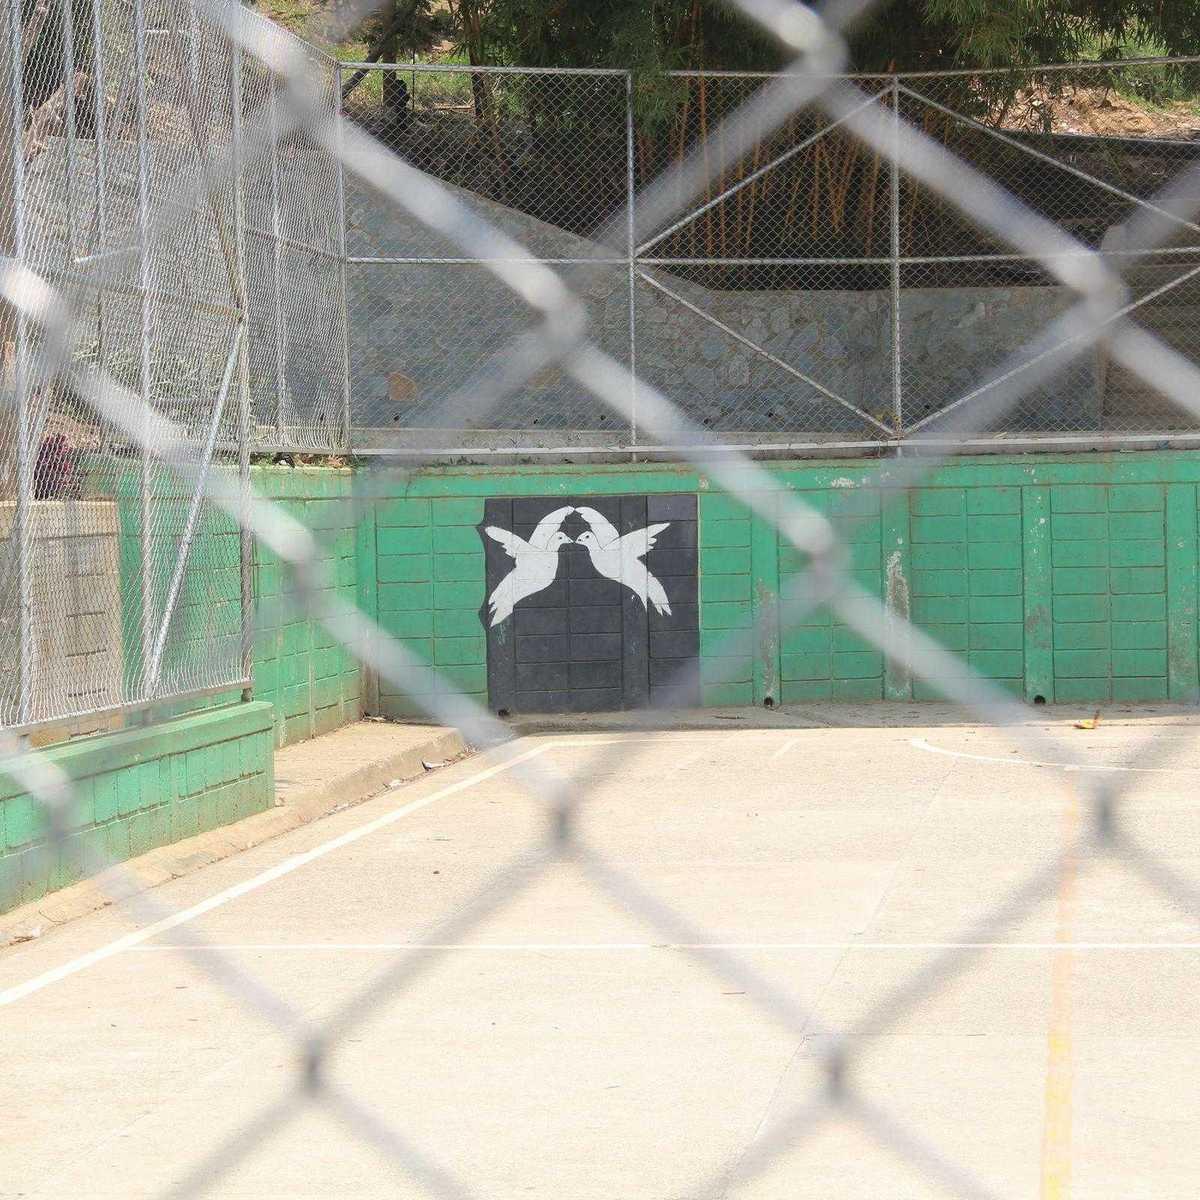 Bild von zwei Friedenstauben auf dem Fußballplatz in der CDB